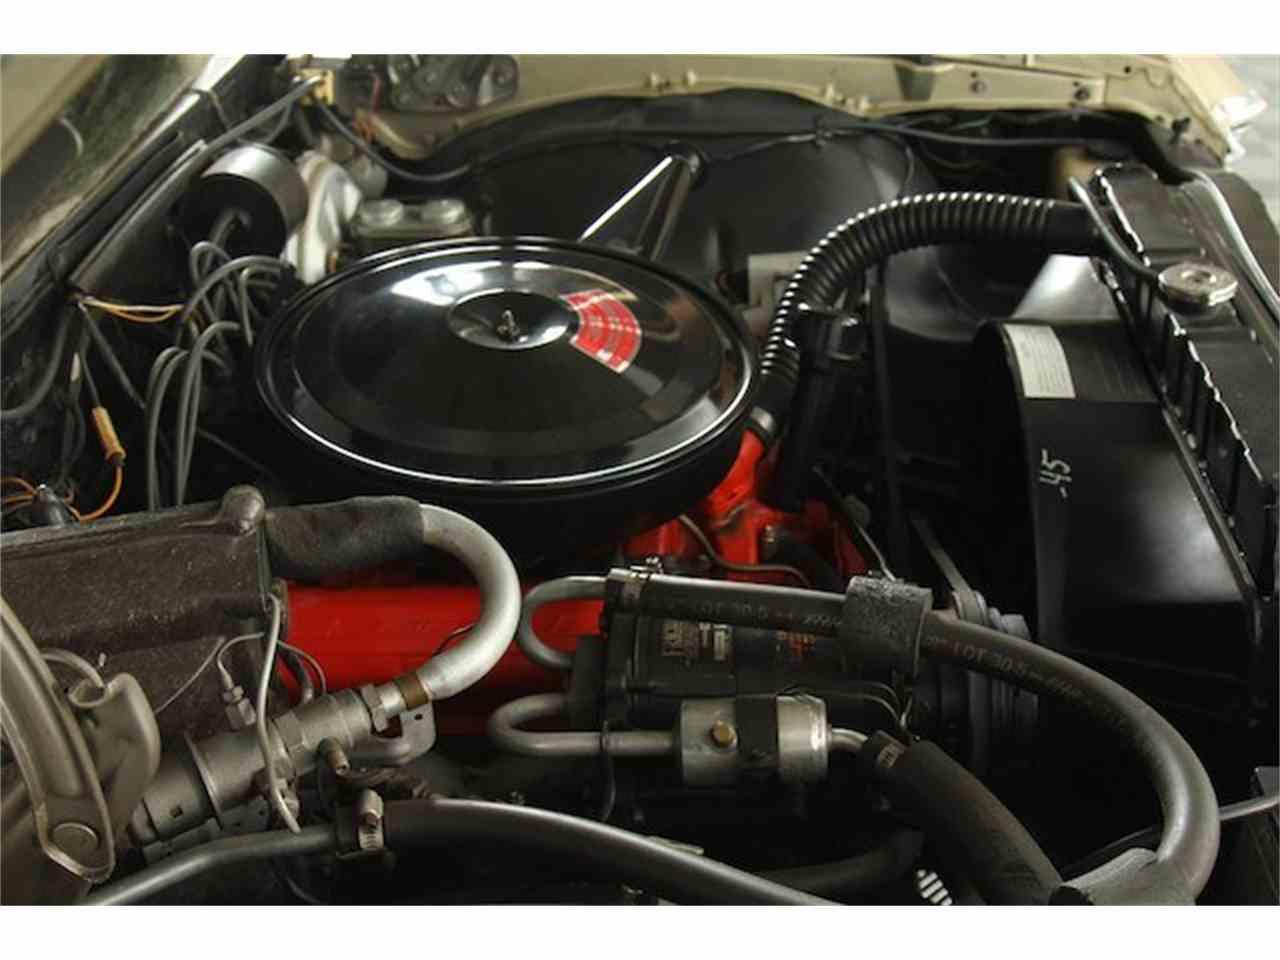 1967 Chevrolet Impala for Sale | ClassicCars.com | CC-1079338